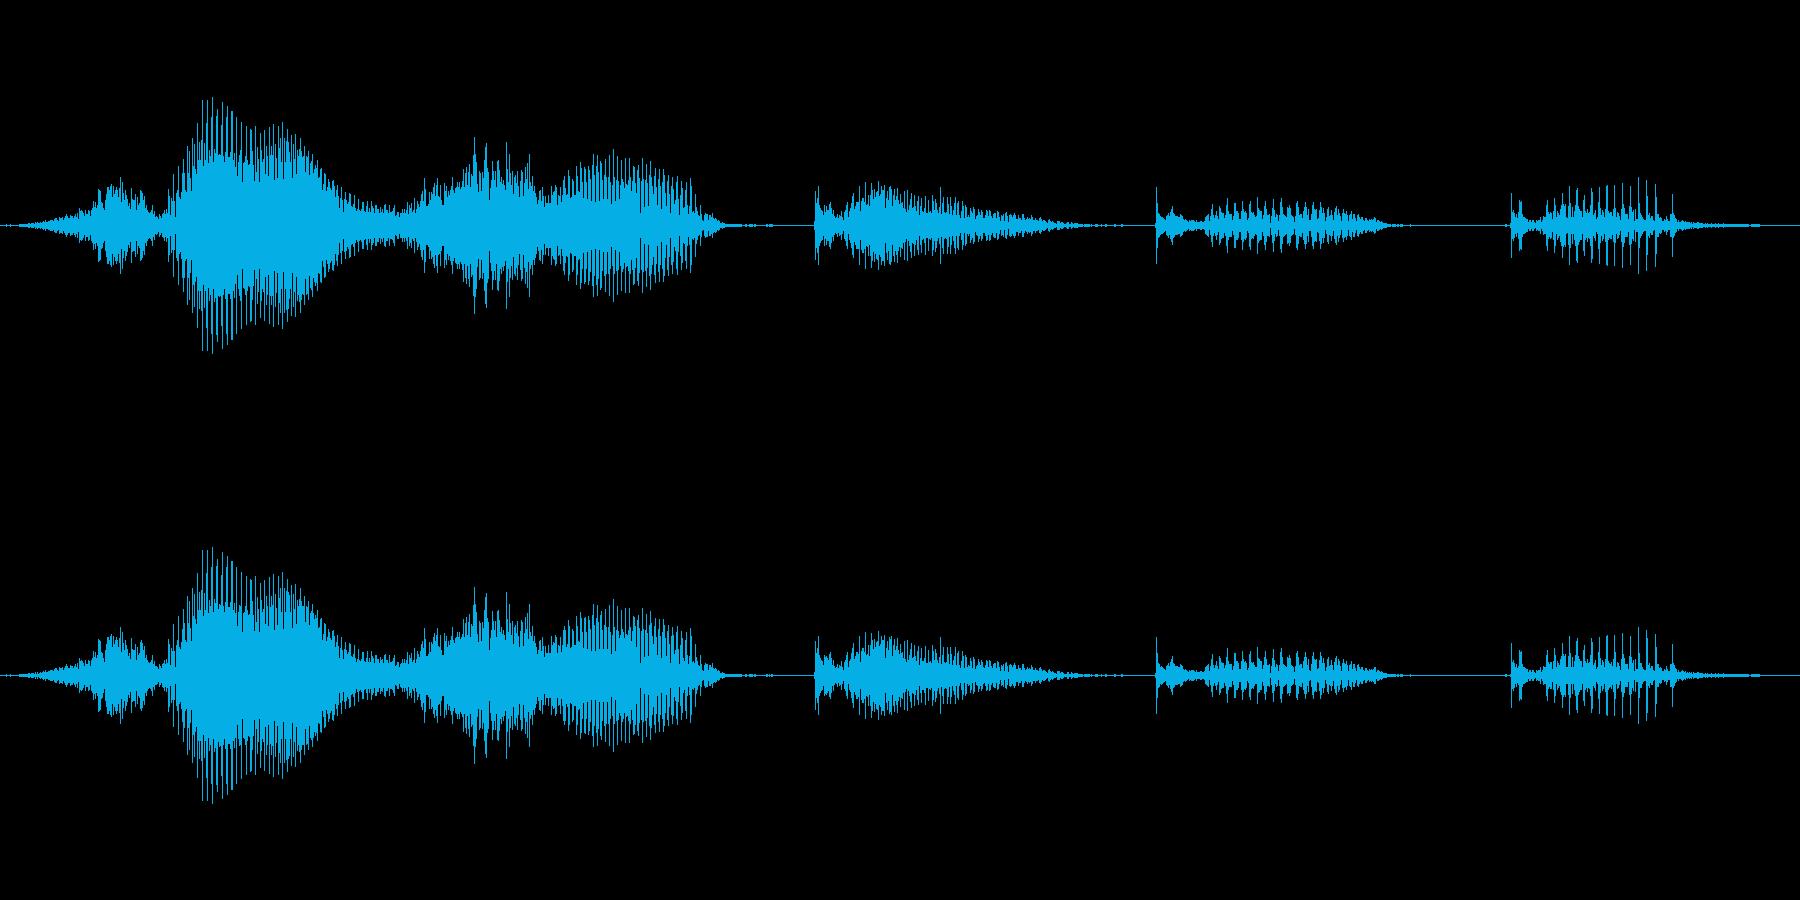 【日数・経過】3週間経過の再生済みの波形